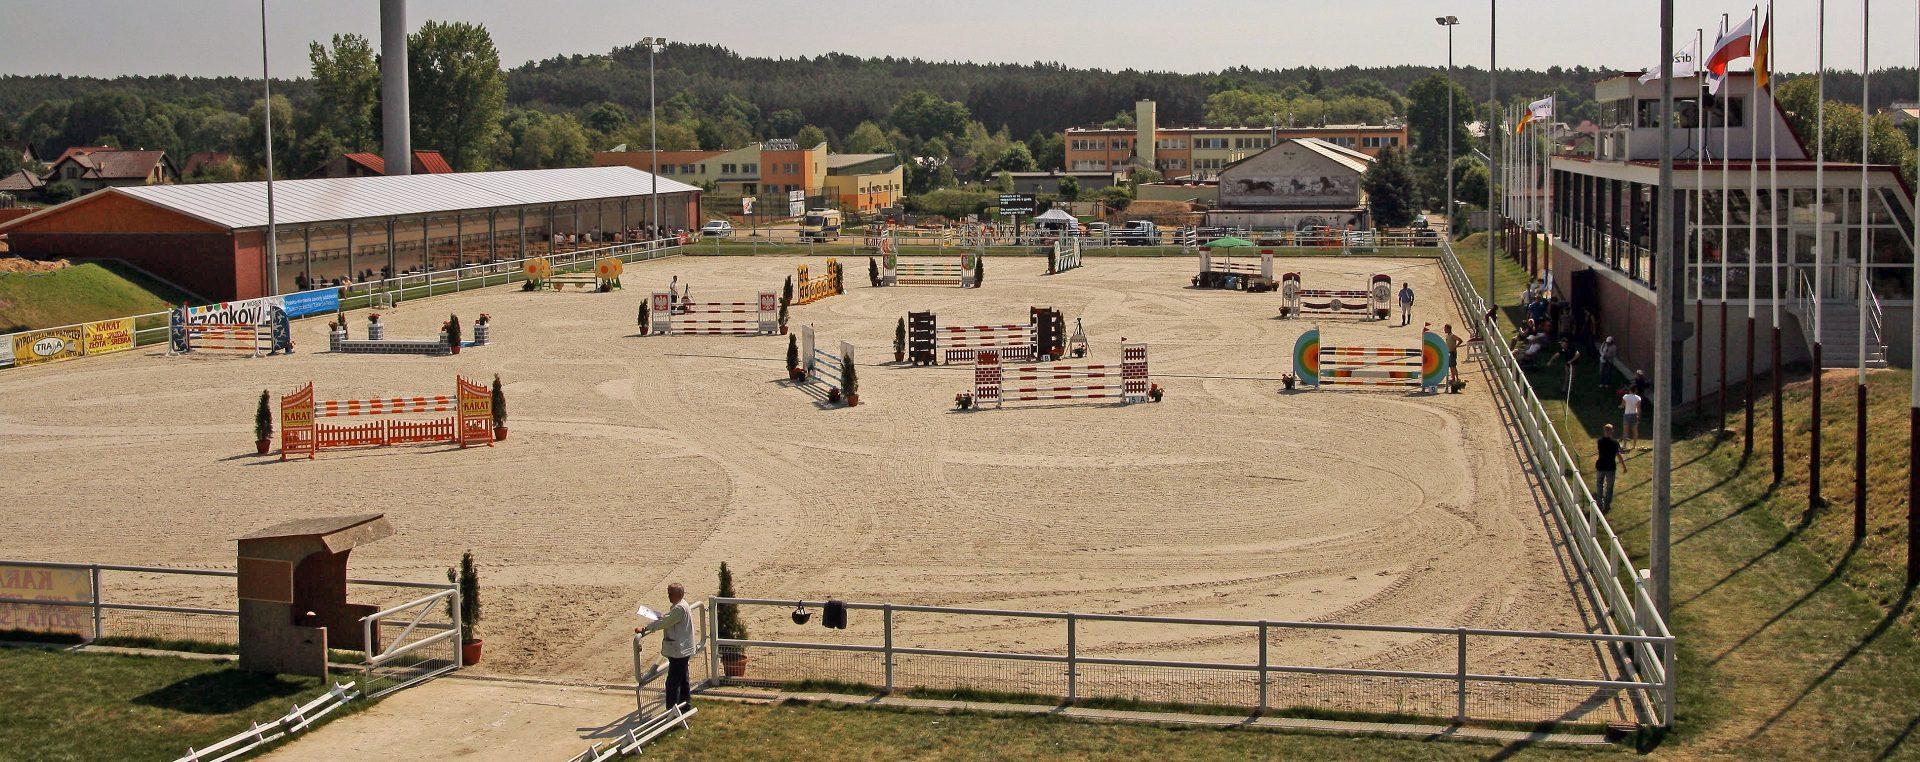 Propozycje zawodów w skokach – Jelenia Góra, 24 września 2011